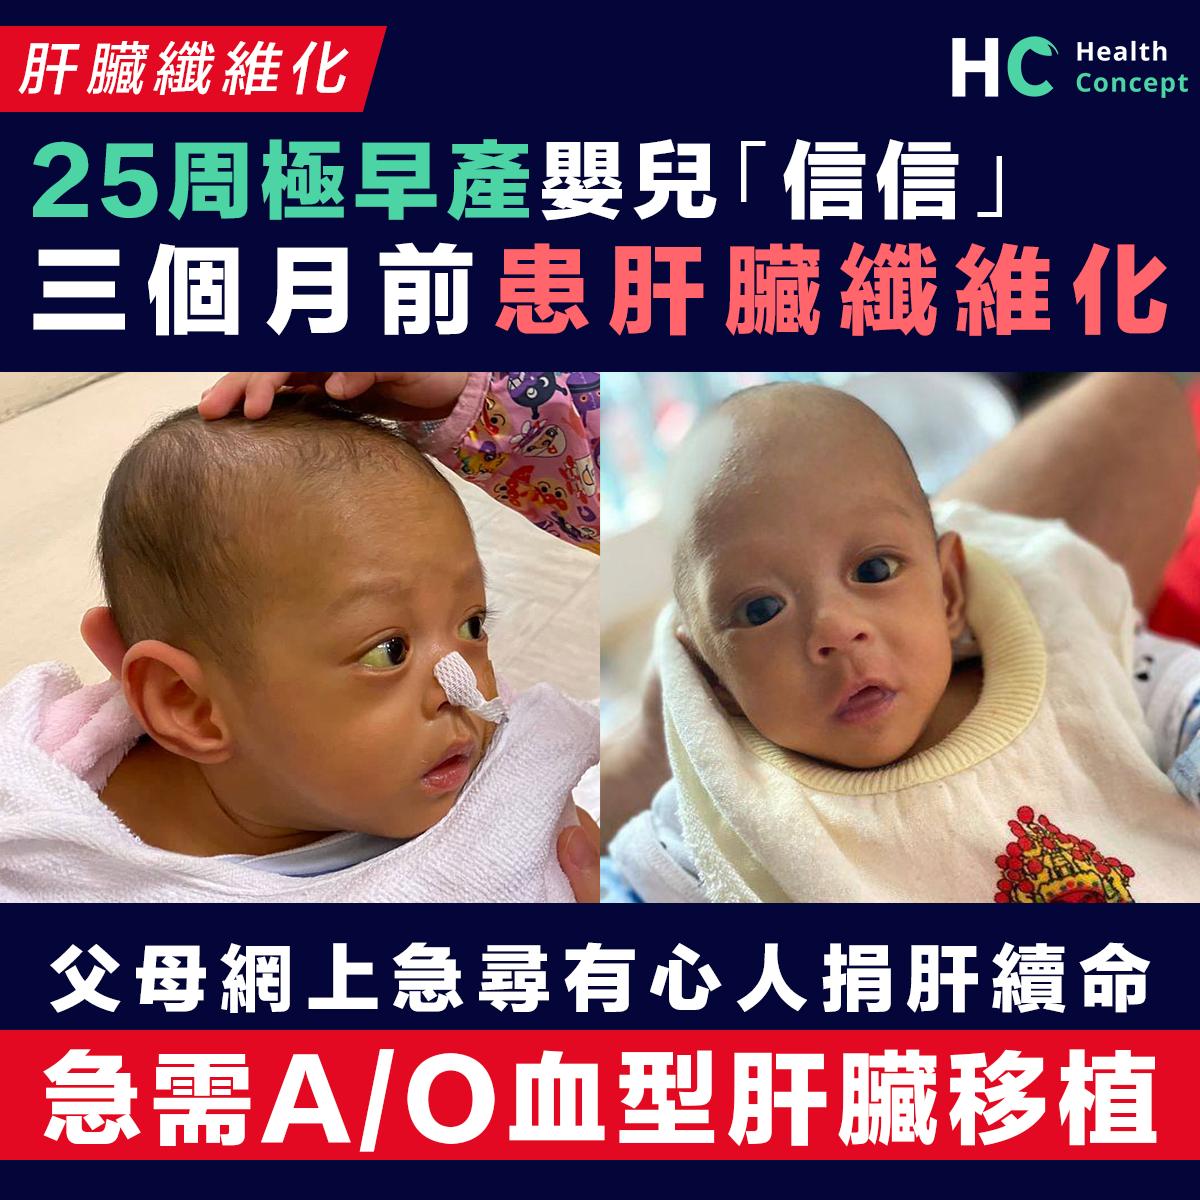 25周極早產嬰兒「信信」 患肝臟纖維化求有心人捐肝